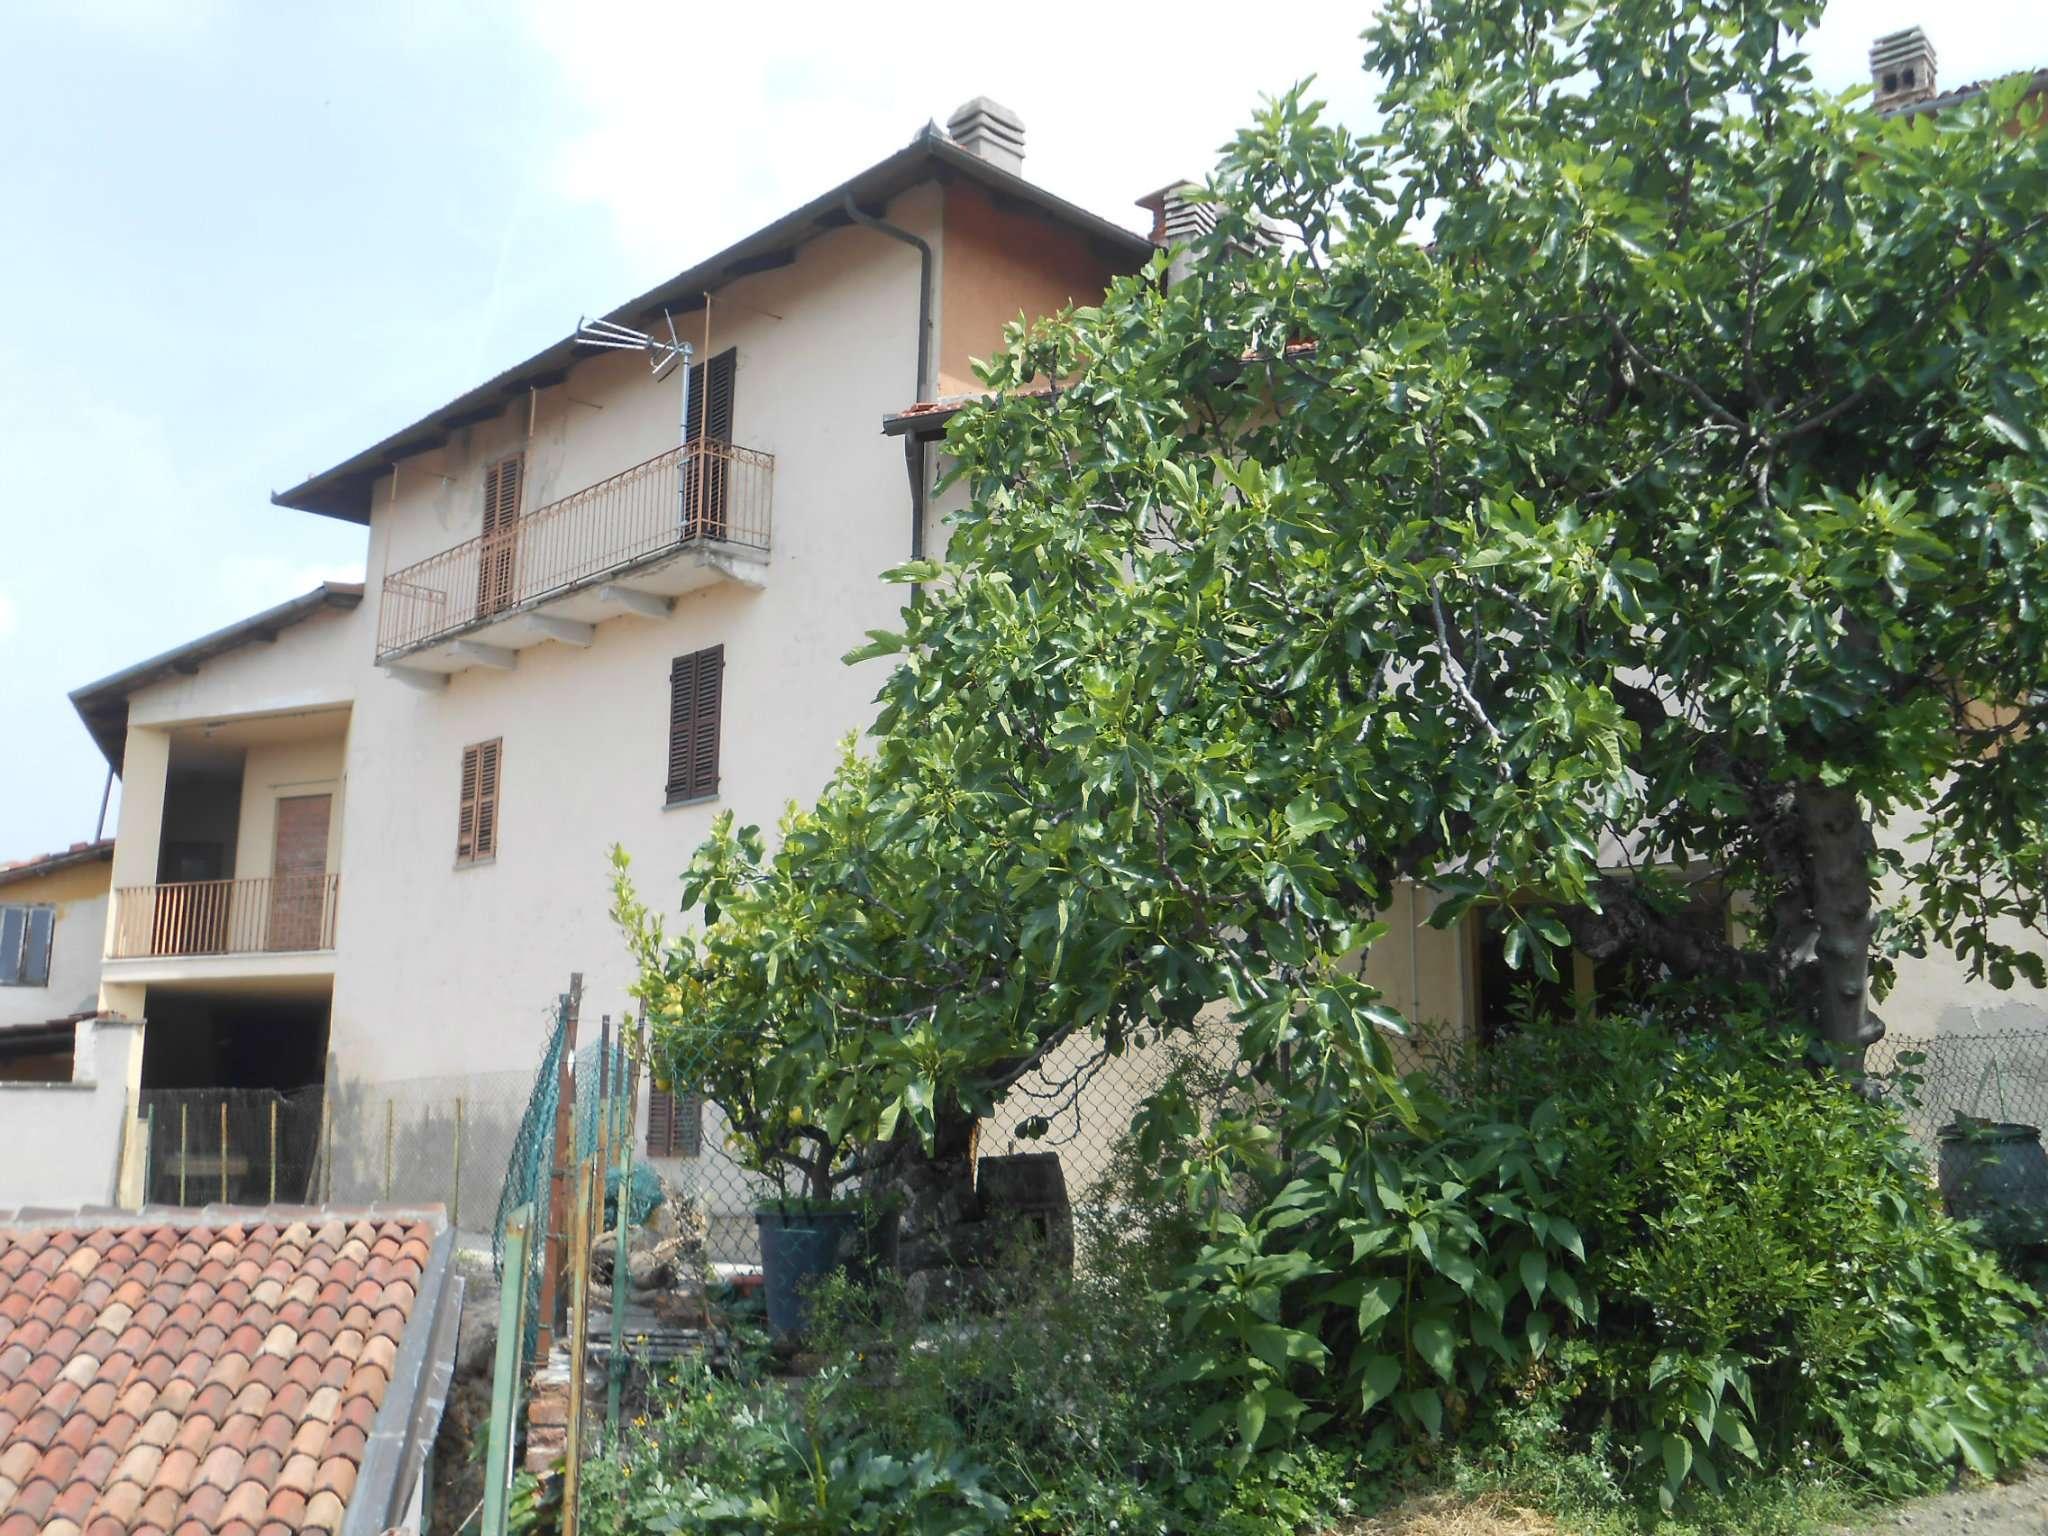 Soluzione Indipendente in vendita a Pino d'Asti, 15 locali, prezzo € 138.000 | CambioCasa.it